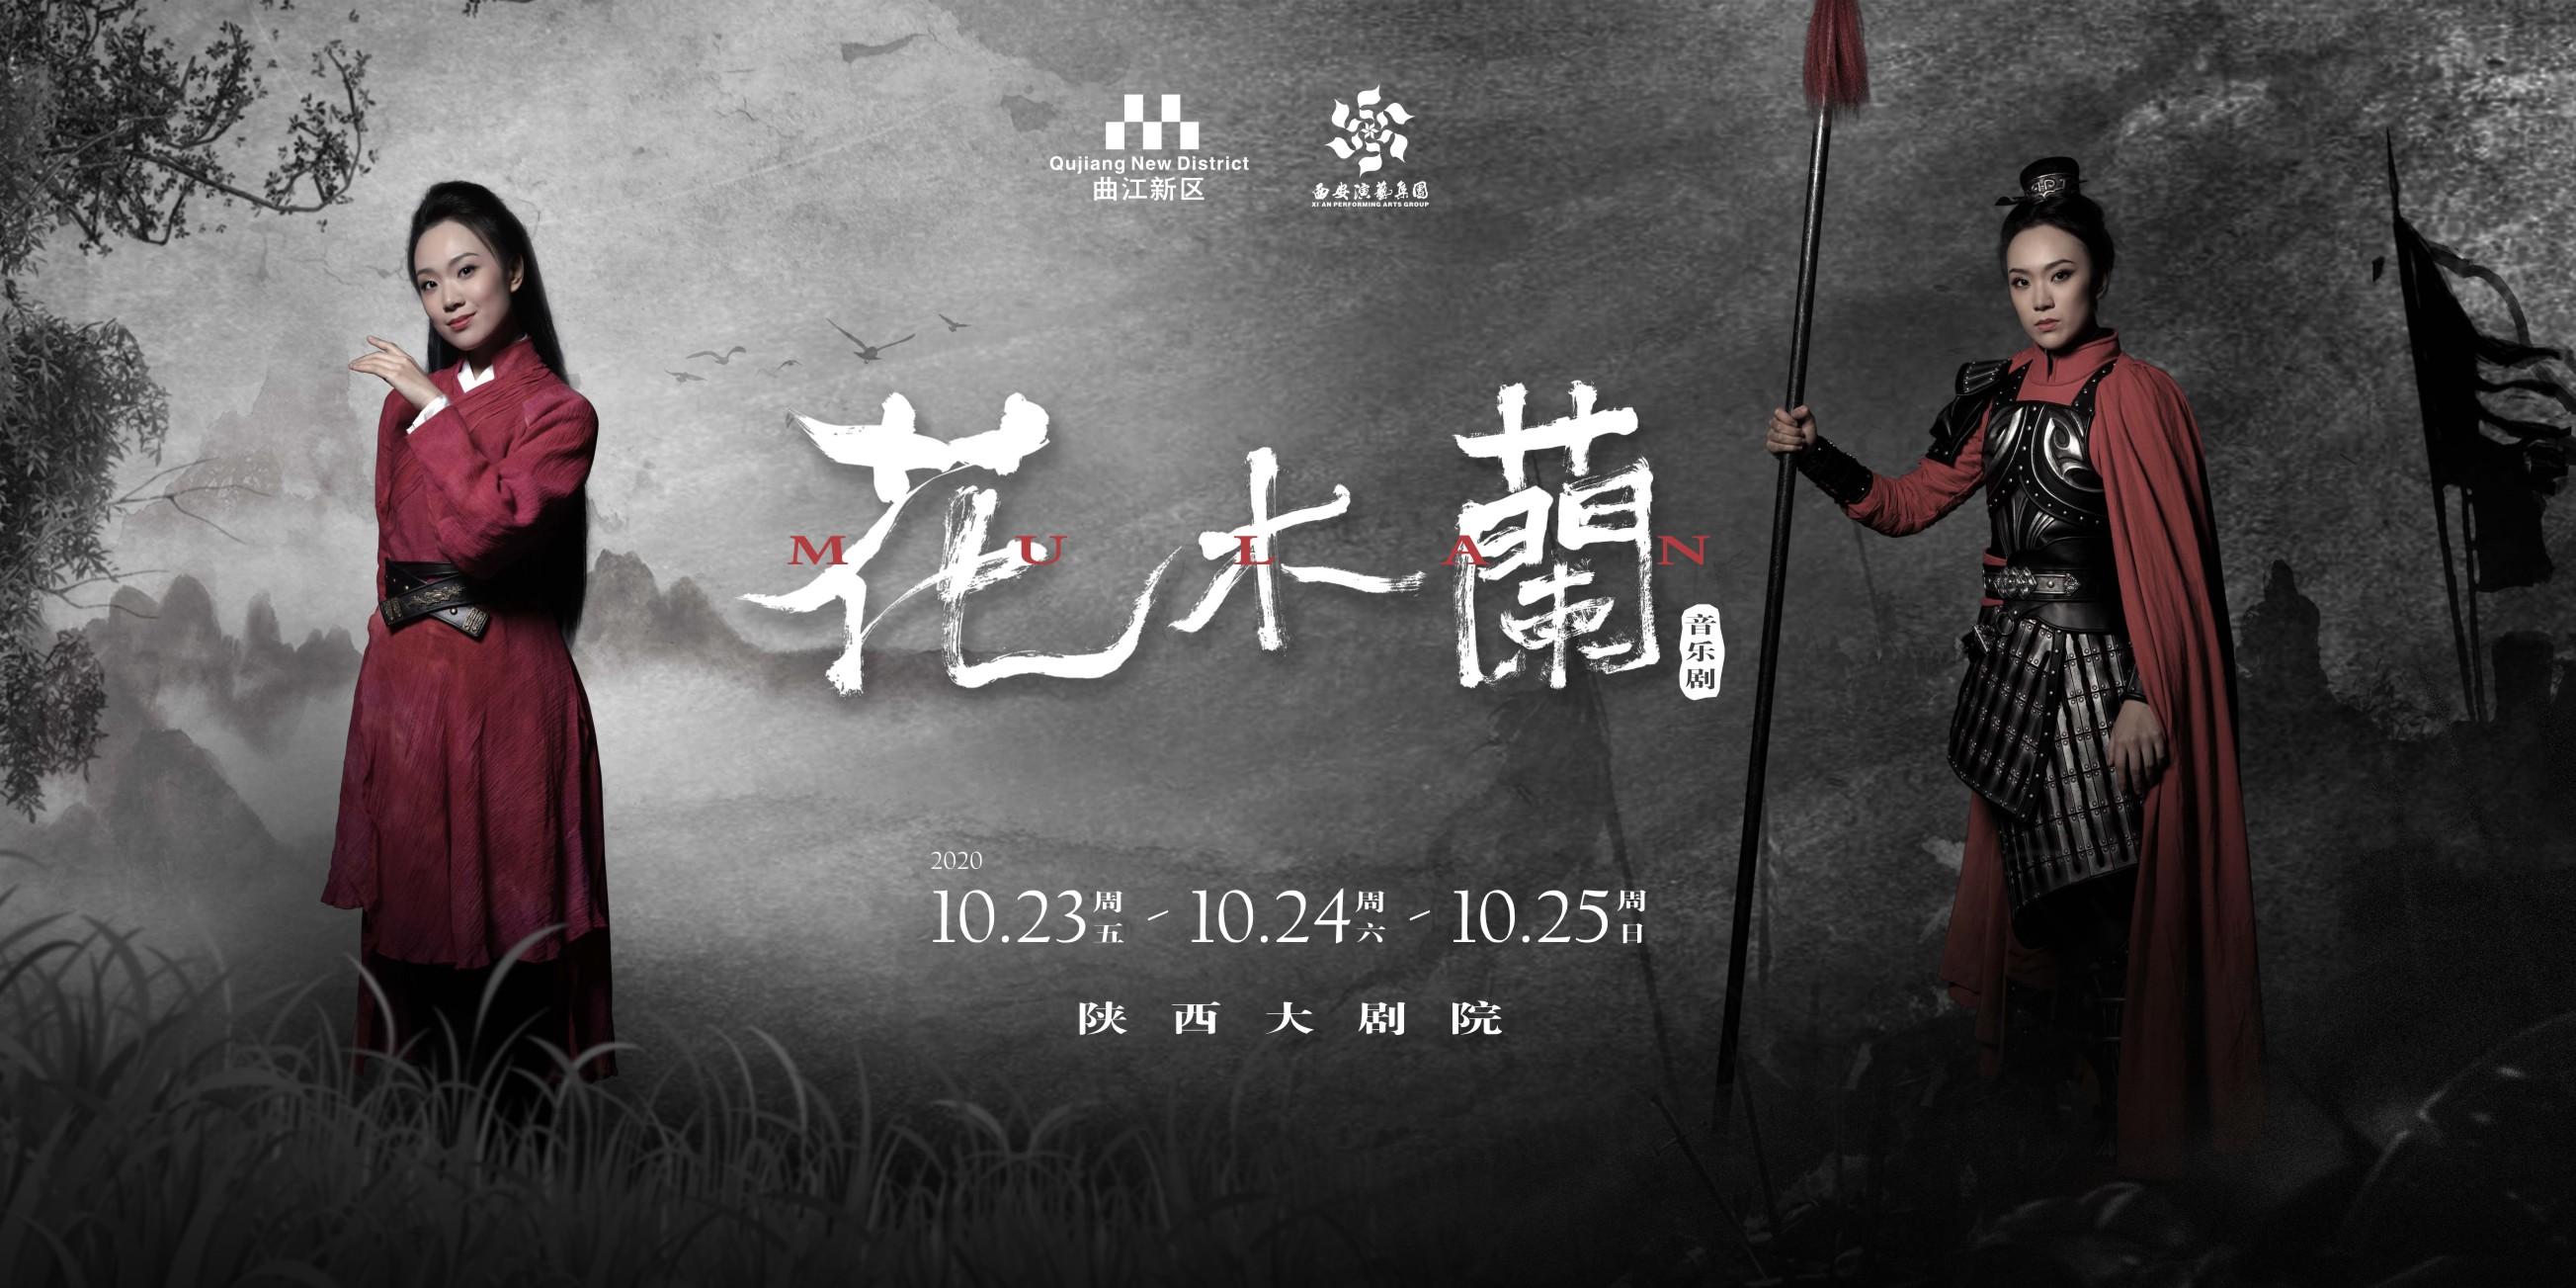 西安原创音乐剧《花木兰》全新亮相,在音乐之美中塑造巾帼英雄